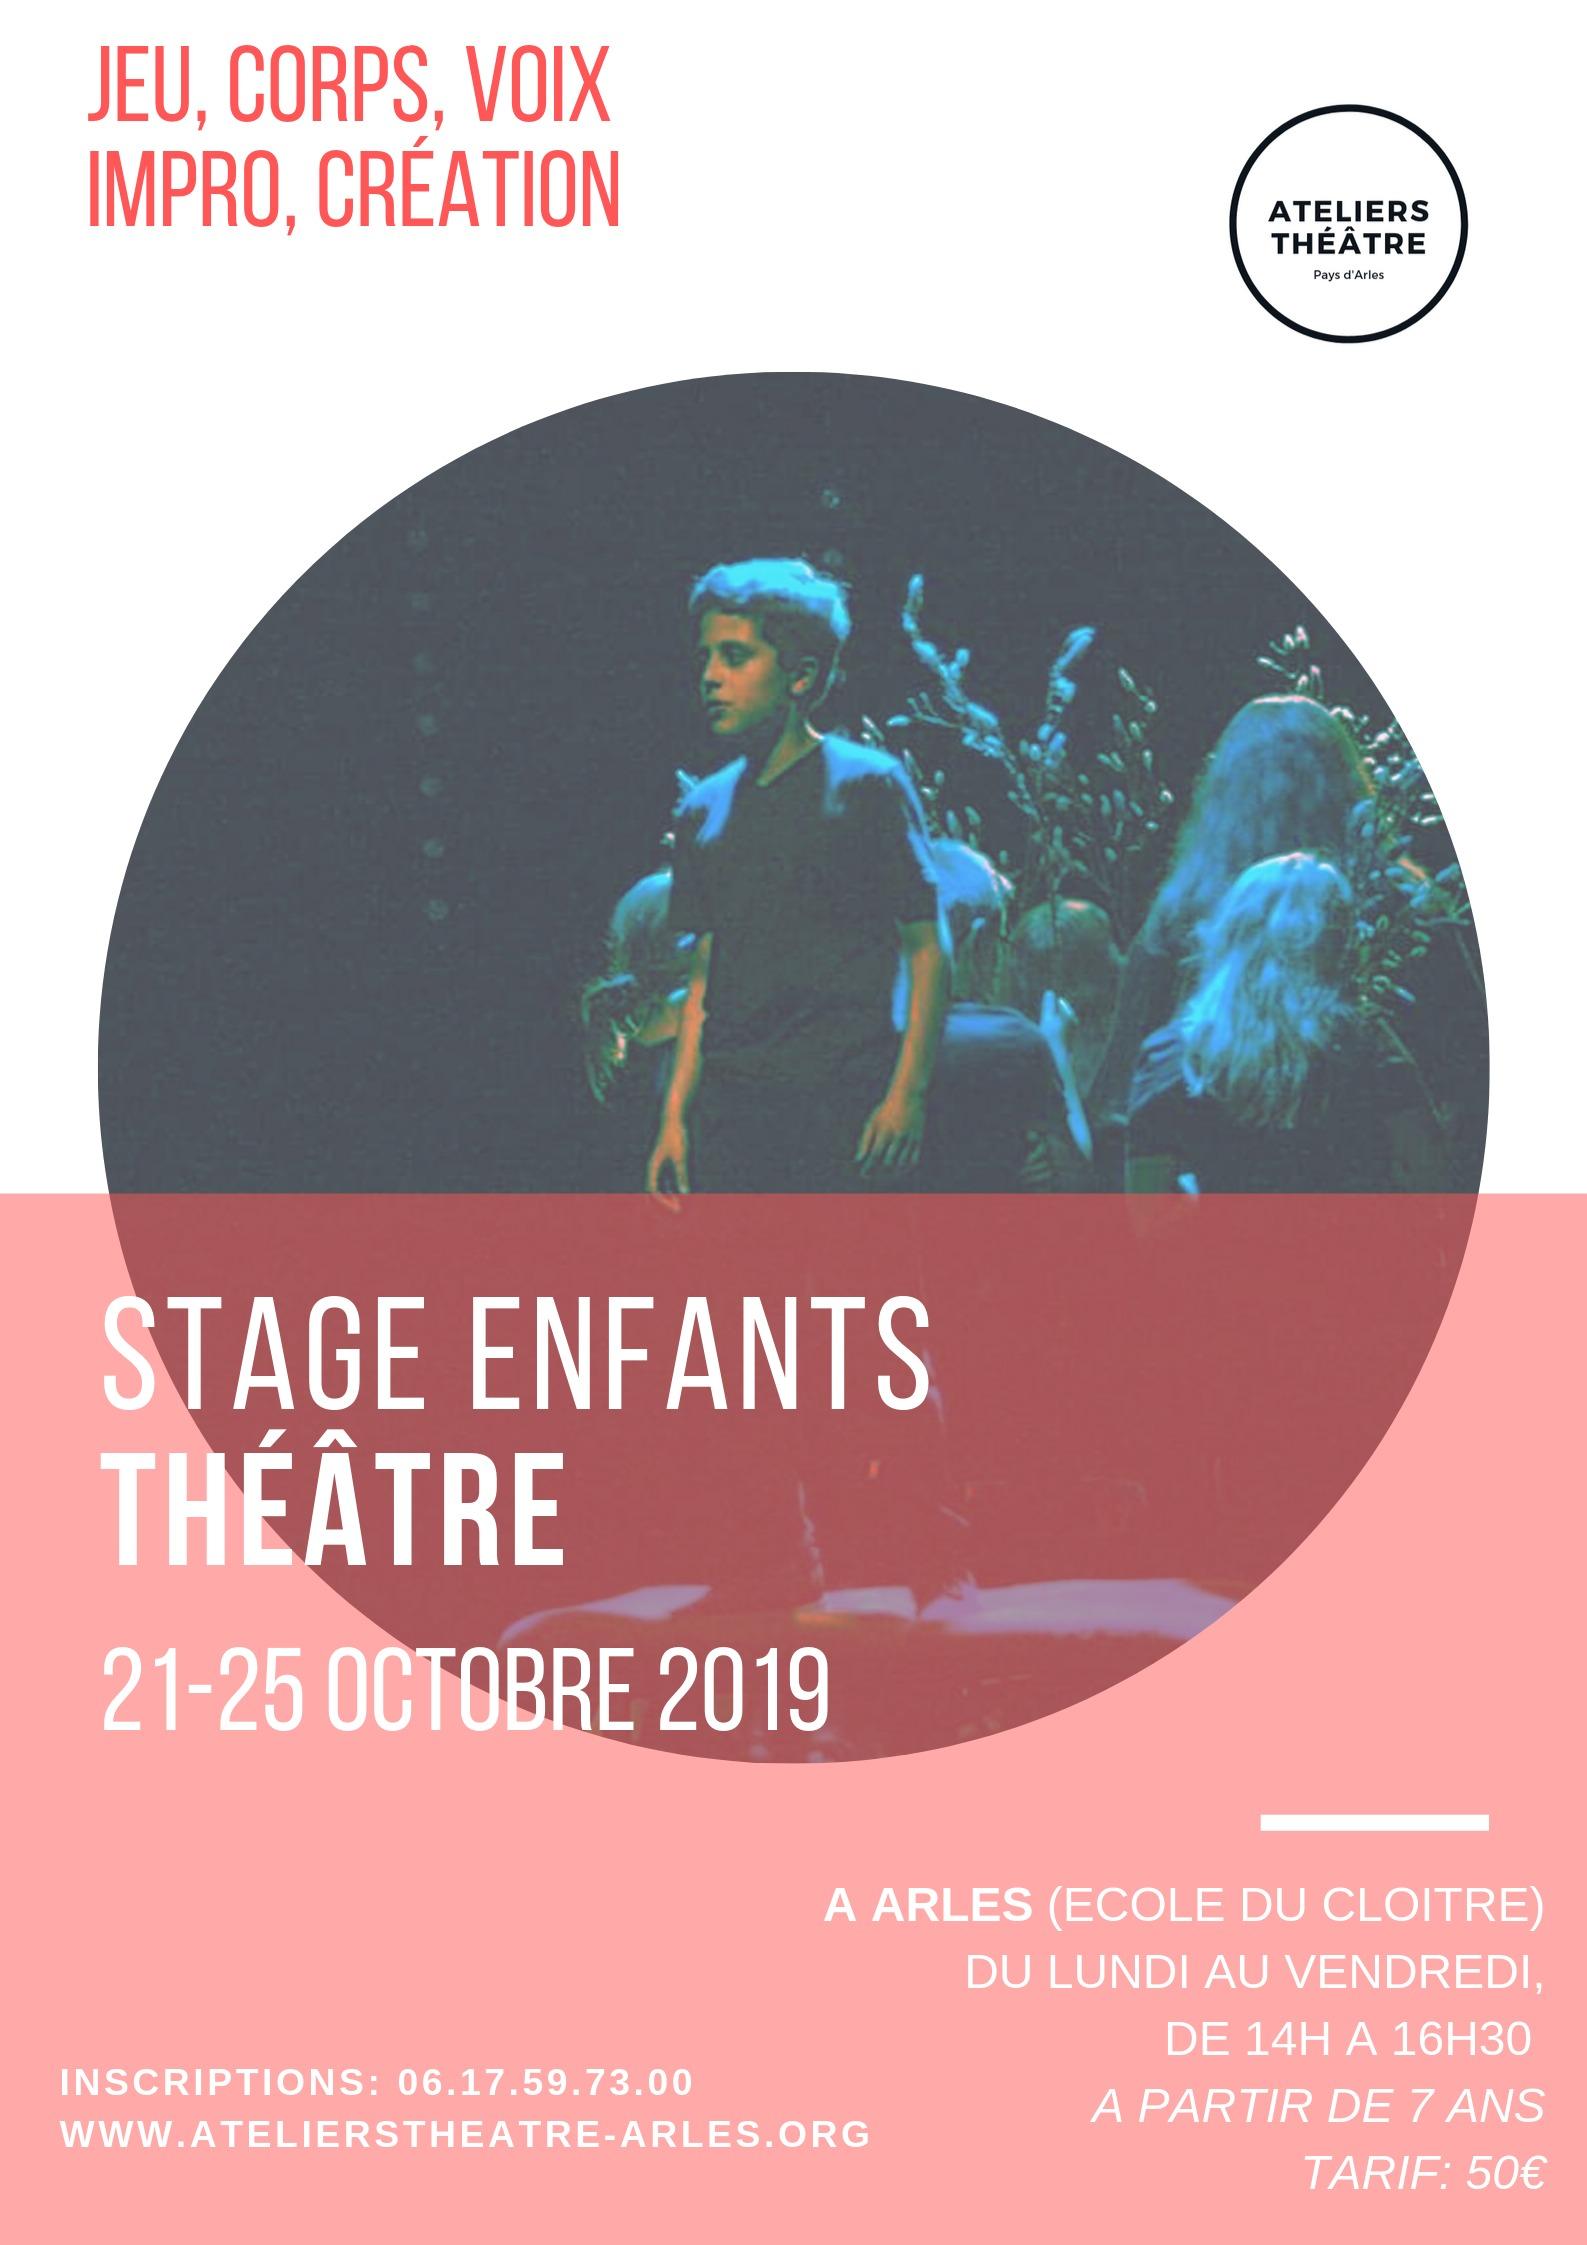 Stage de (re)découverte du théâtre, travail de voix, corps, personnage, émotions, confiance en soi, découverte de l'autre.